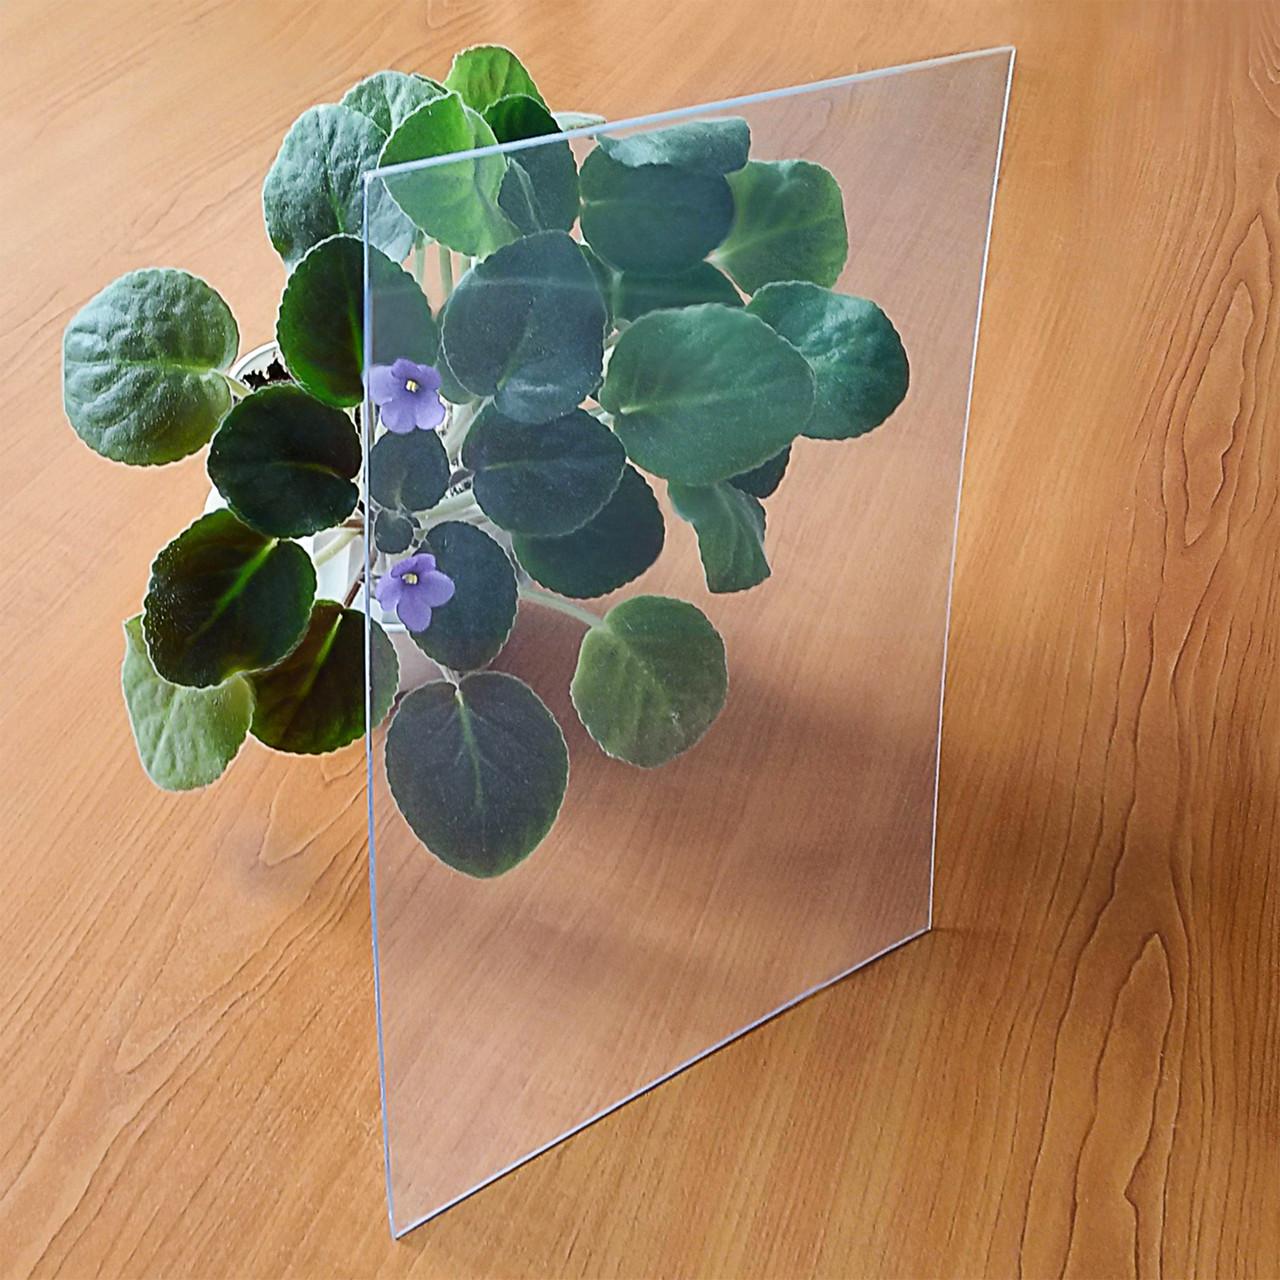 ПВХ твердый прозрачный, лист 1 x 2 м, 1.5 мм